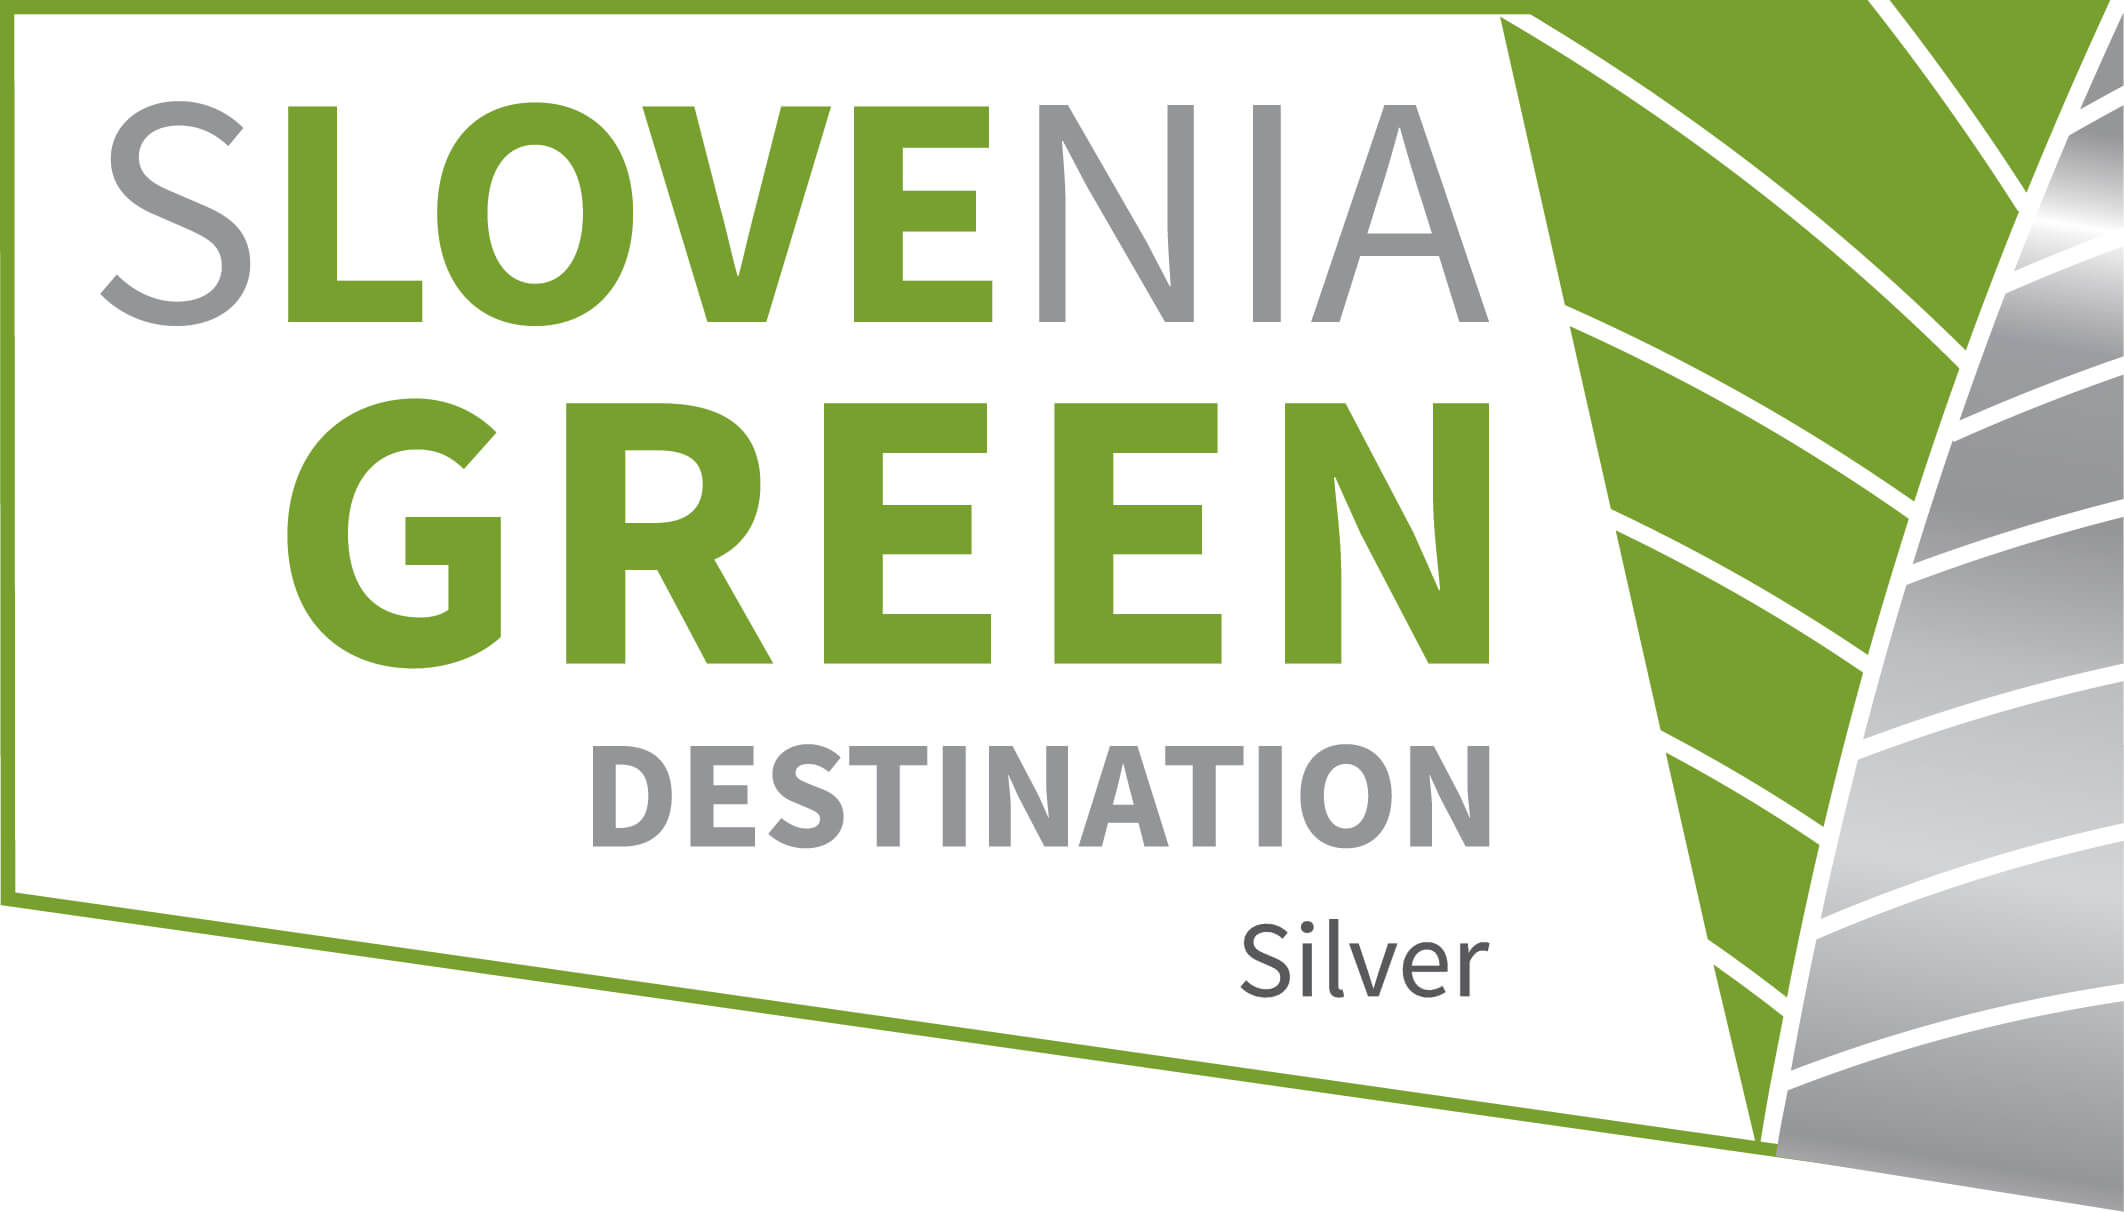 slovenia-green-silver